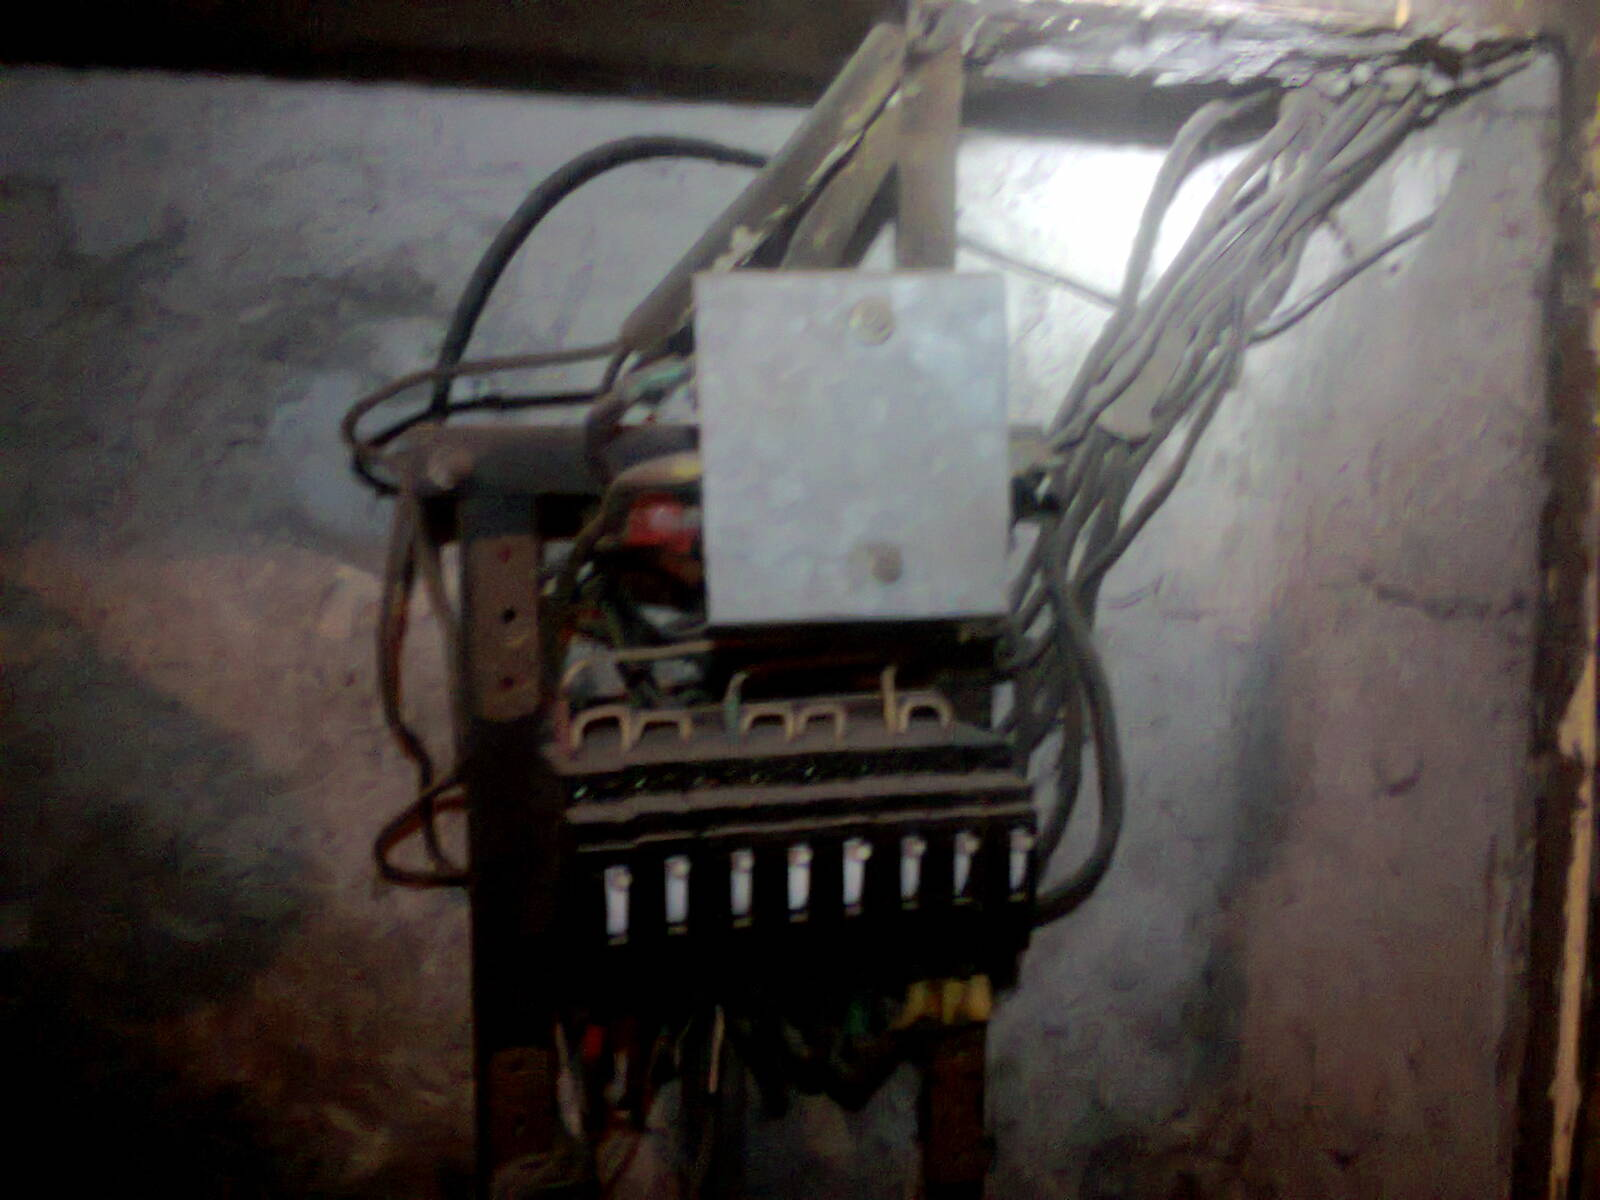 Срочный вызов электрика в кафетерий из-за короткого замыкания в патроне лампы Эдисона